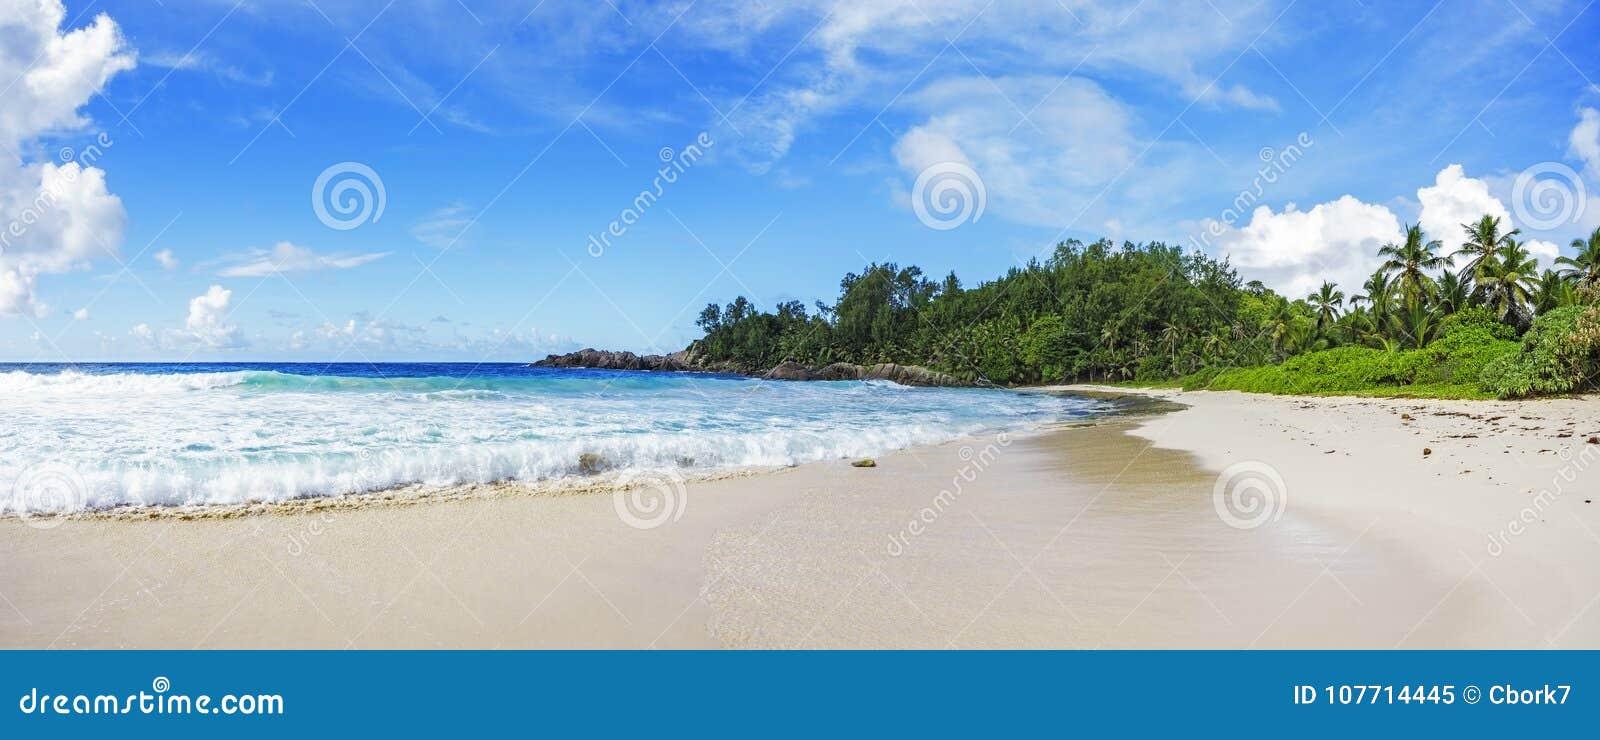 在警察海湾的美丽的天堂海滩,塞舌尔群岛40